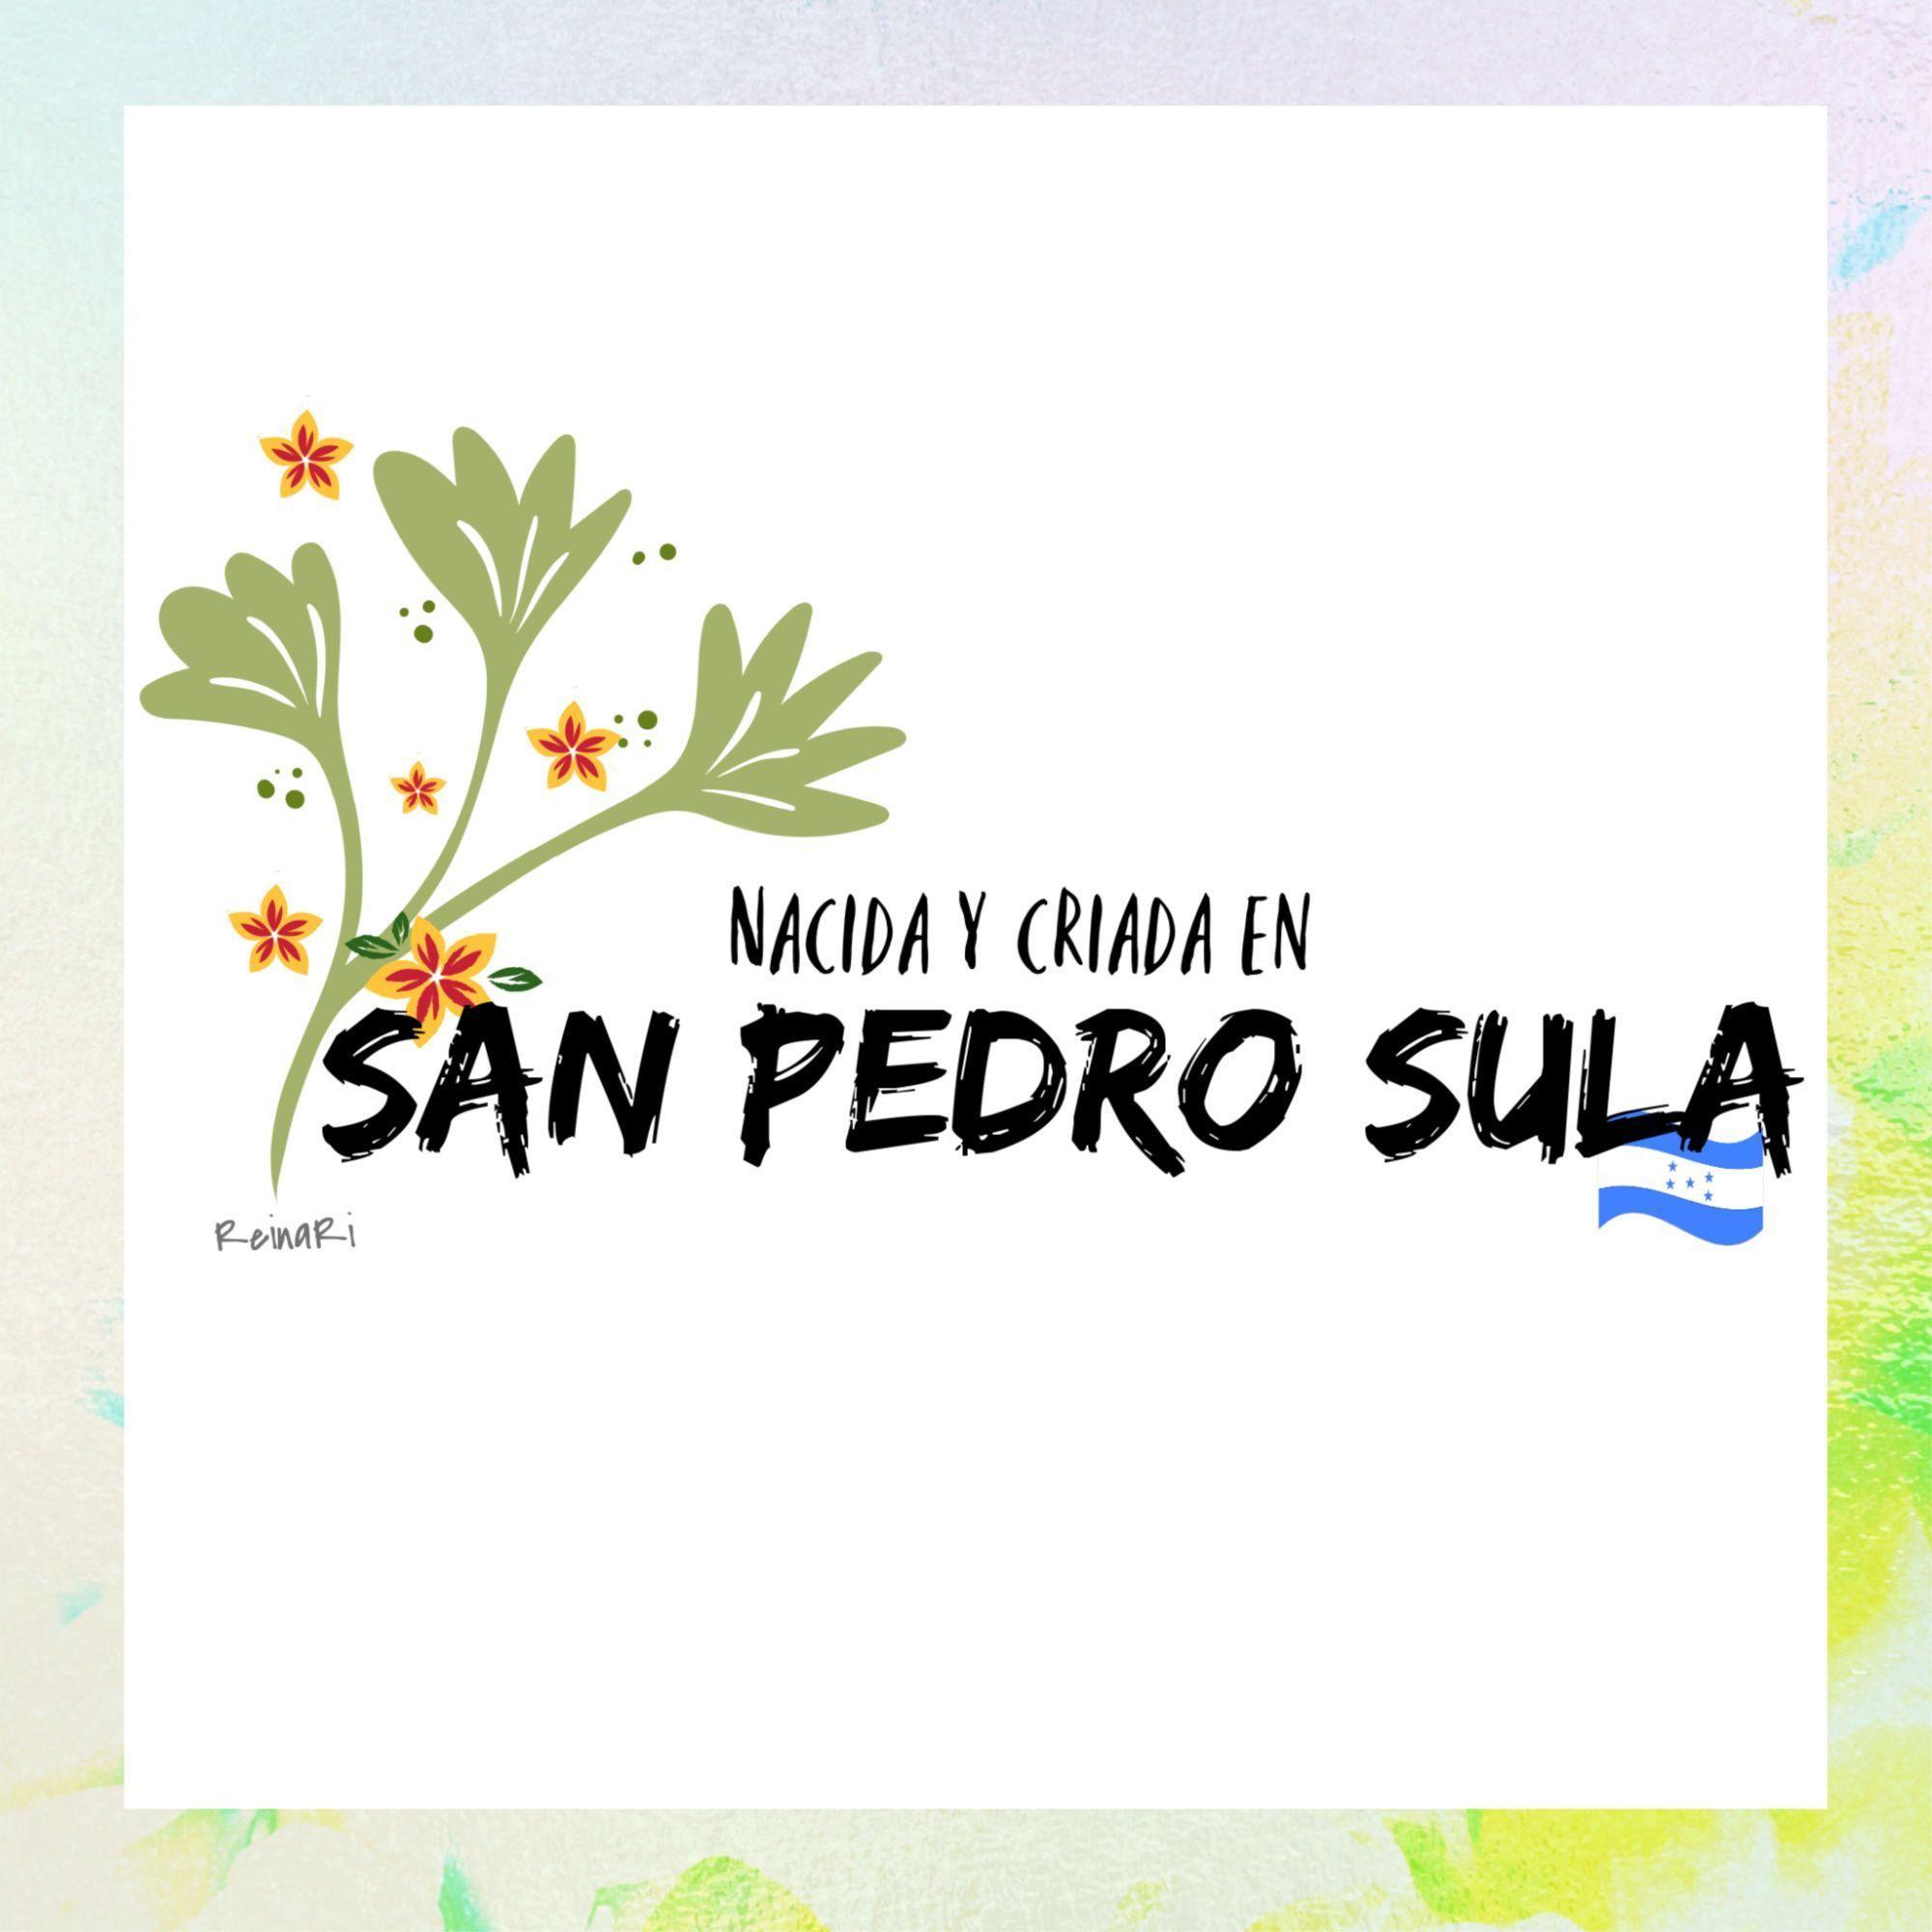 San Pedro Sula Honduras #sanpedrosula Nacida y criada en la bella ciudad de San Pedro Sula, Honduras. Hacé Click para encontrar más postales para saludar y compartir /  #tarjetas #saludos #postales #SanPerdroSula #Honduras #sanpedrosula San Pedro Sula Honduras #sanpedrosula Nacida y criada en la bella ciudad de San Pedro Sula, Honduras. Hacé Click para encontrar más postales para saludar y compartir /  #tarjetas #saludos #postales #SanPerdroSula #Honduras #sanpedrosula